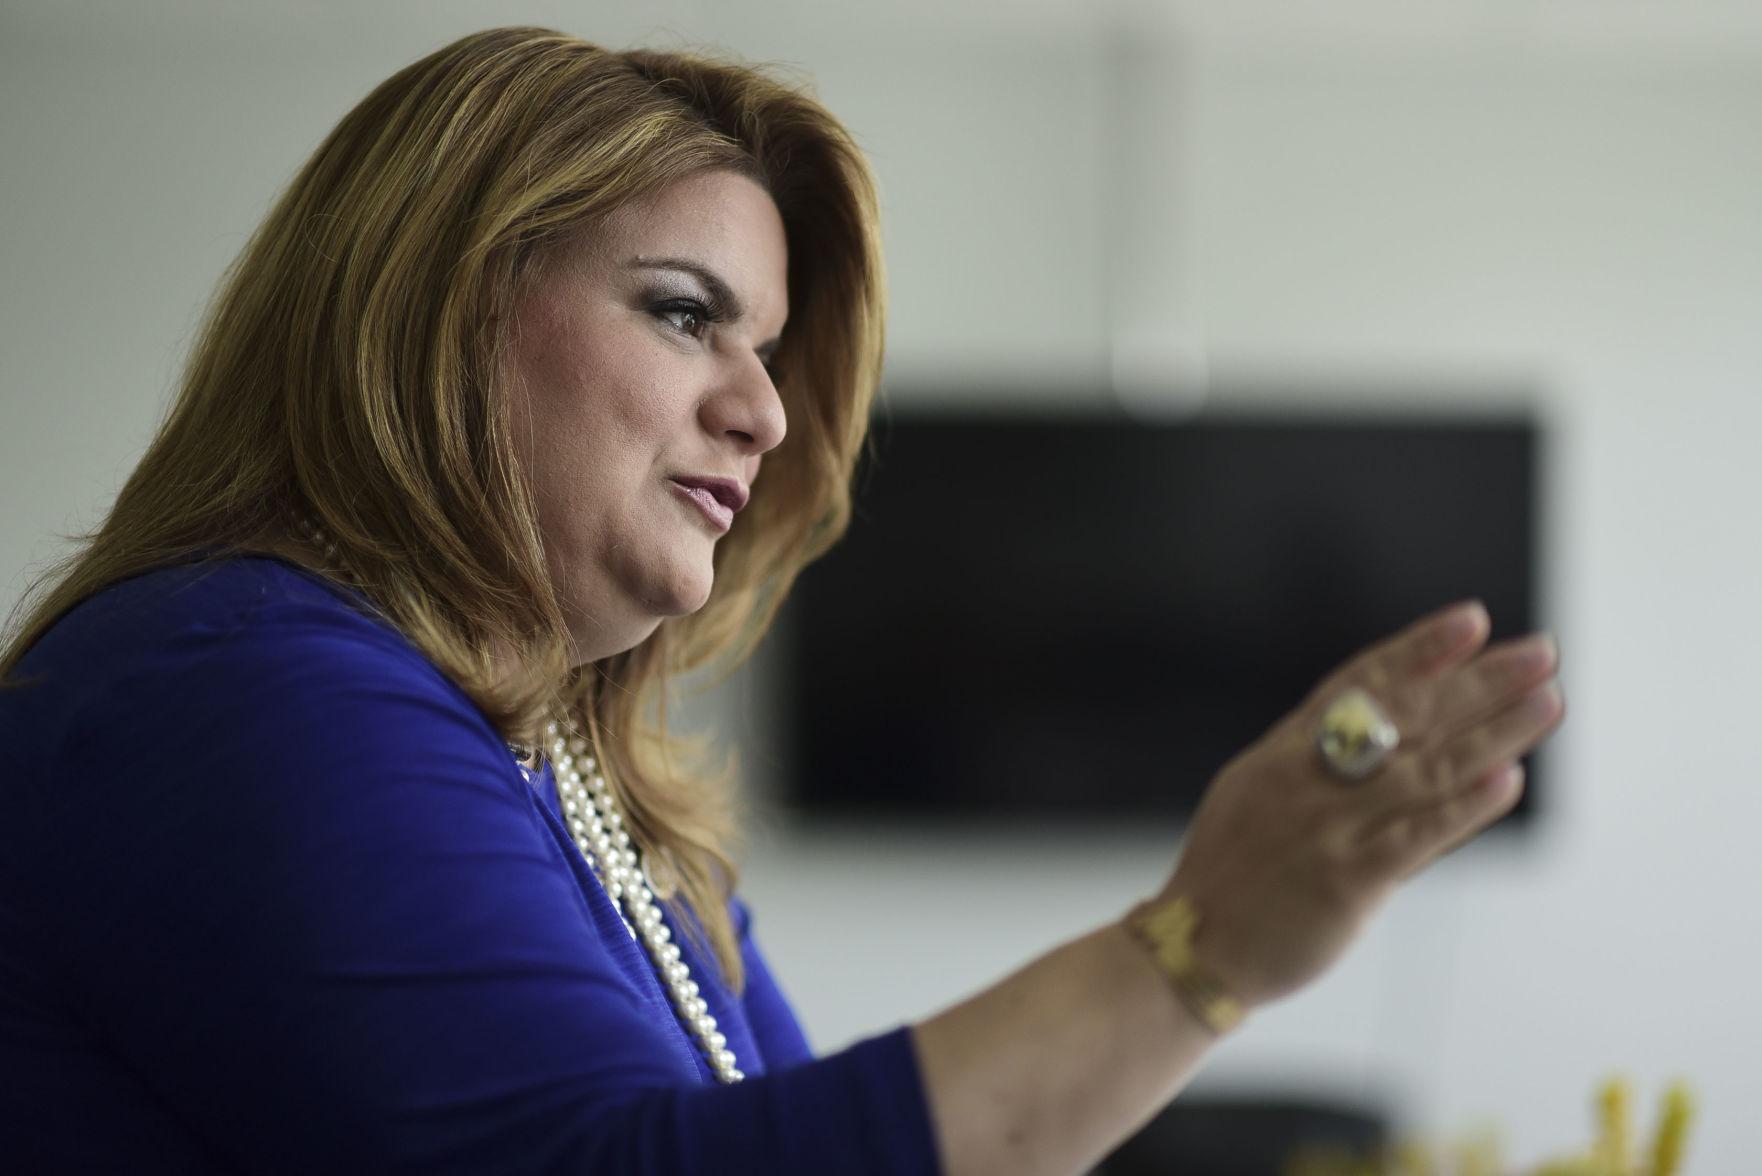 Jenniffer González reacciona a nombramiento de Pierluisi